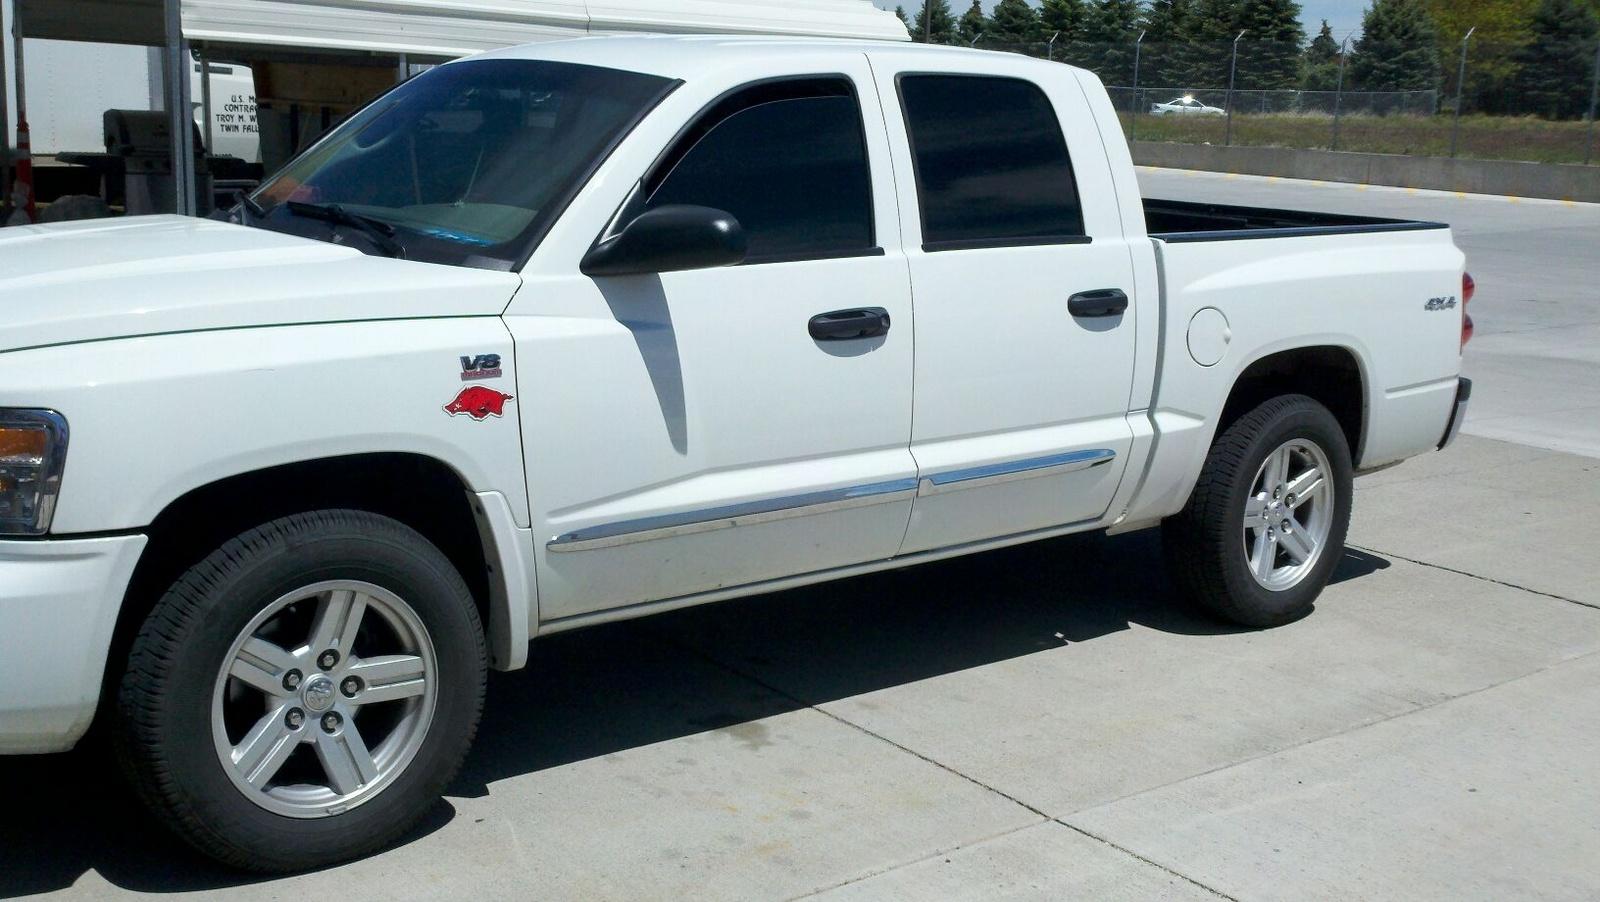 Picture of 2010 Dodge Dakota Laramie Crew Cab 4WD, exterior